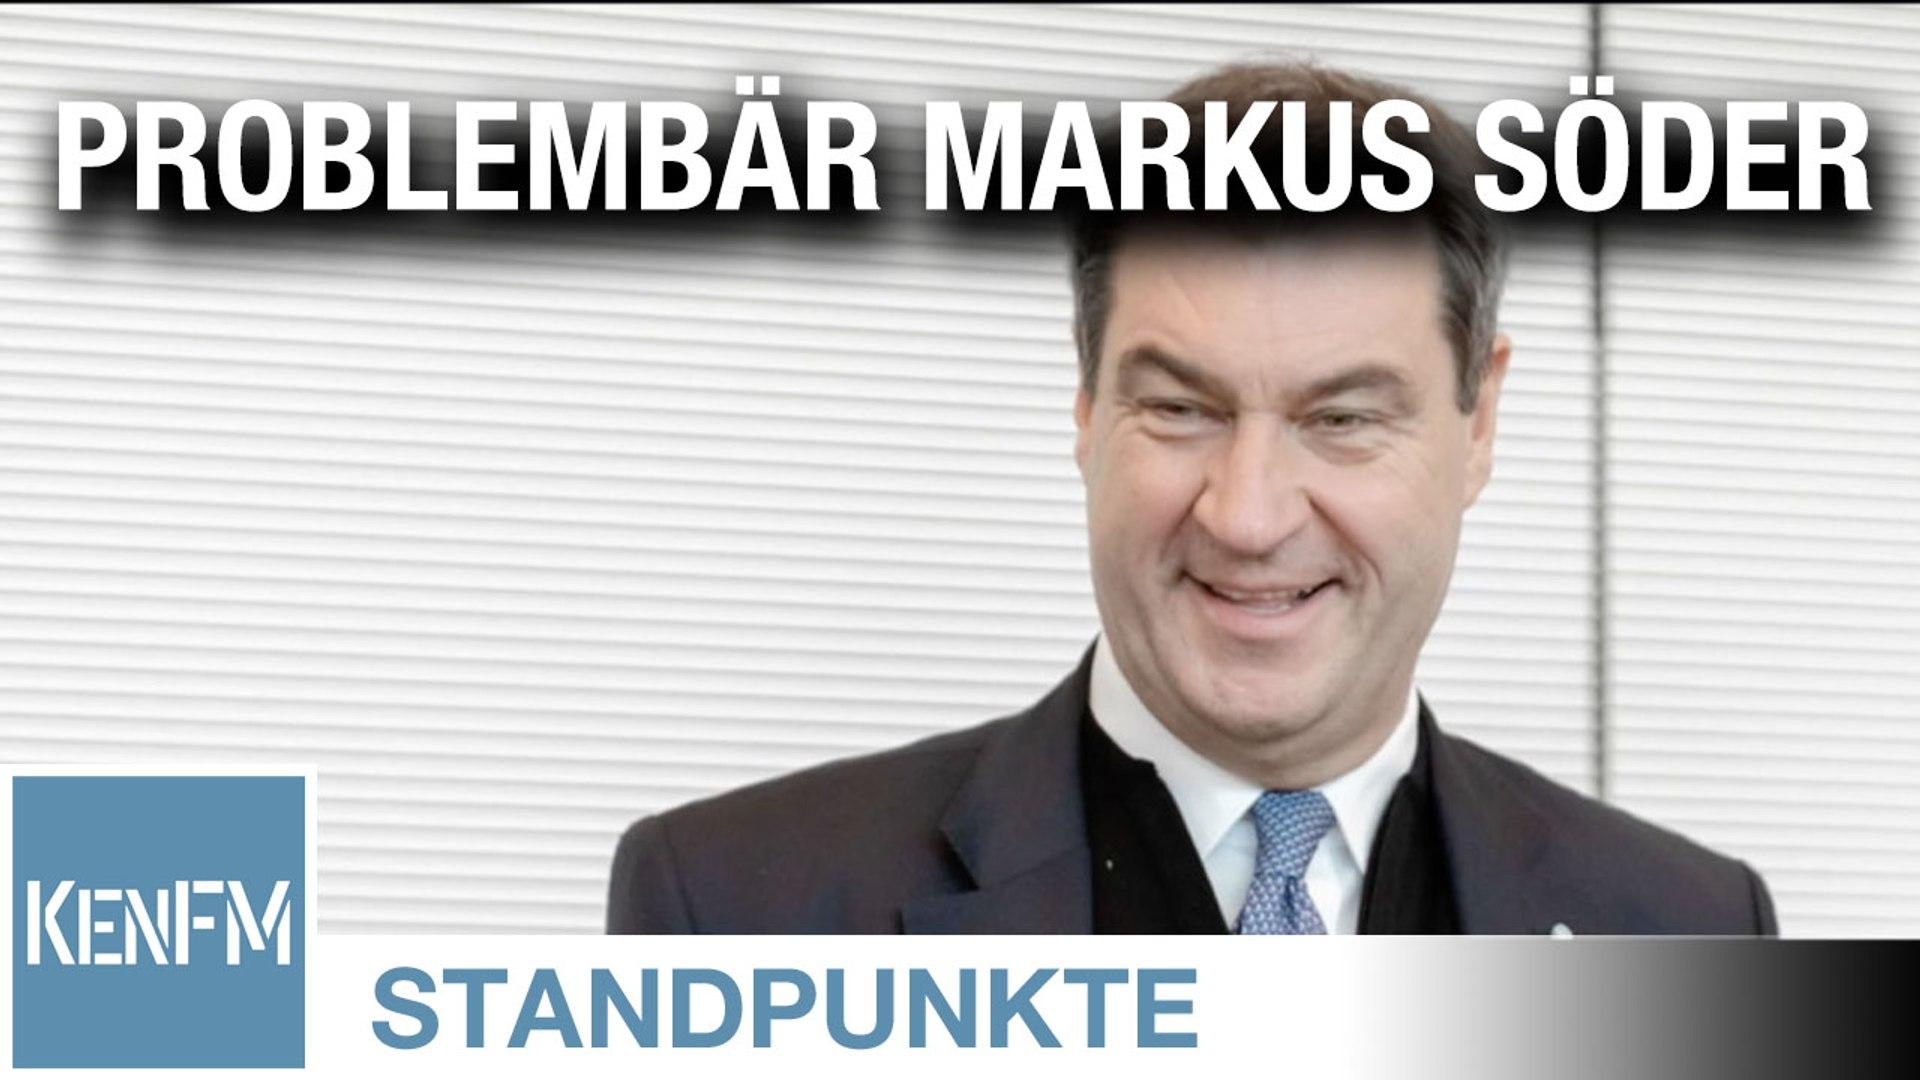 Problembär Markus Söder